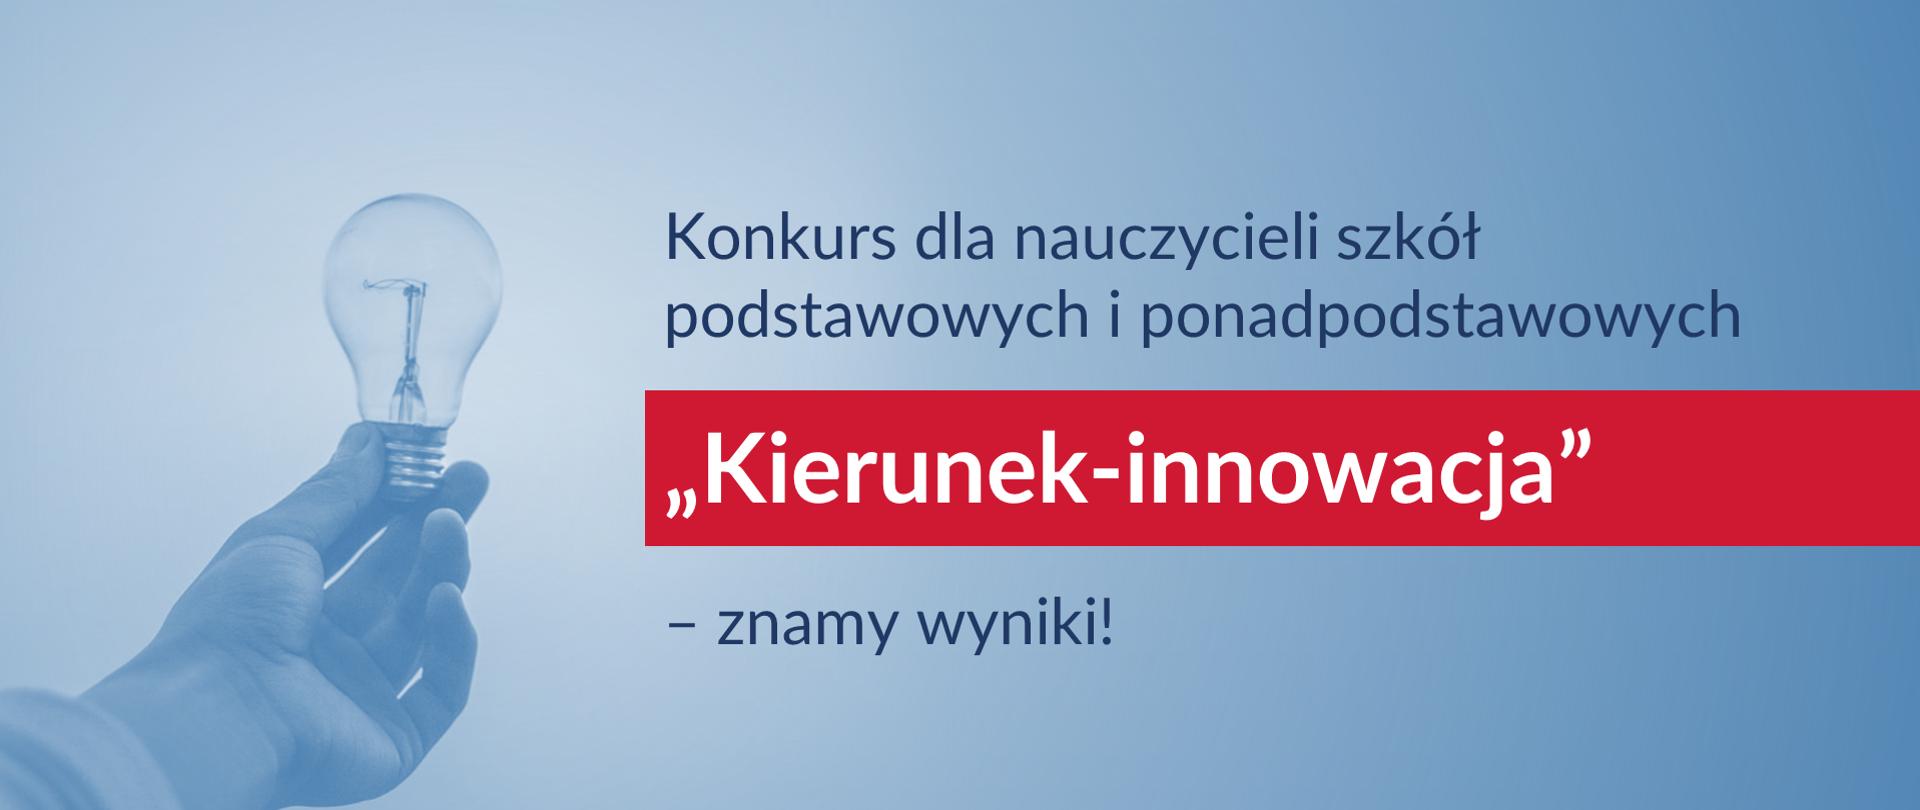 """Po prawej stronie tekst: Konkurs dla nauczycieli szkół podstawowych i ponadpodstawowych """"Kierunek – innowacja"""" – znamy wyniki!. Po lewej stronie dłoń trzymająca żarówkę."""